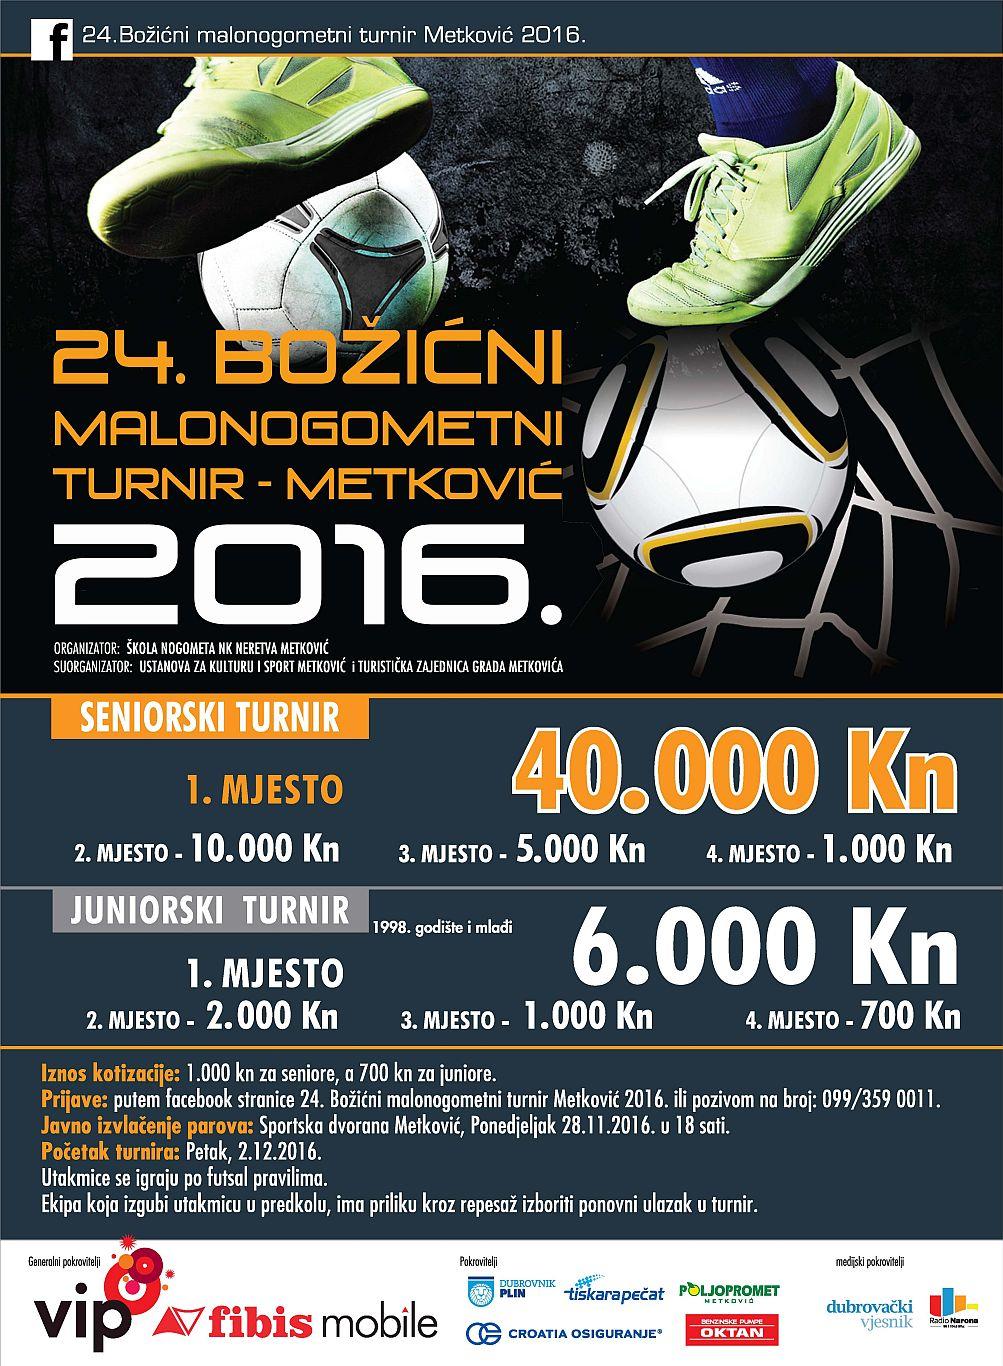 bozicni_turnir-1